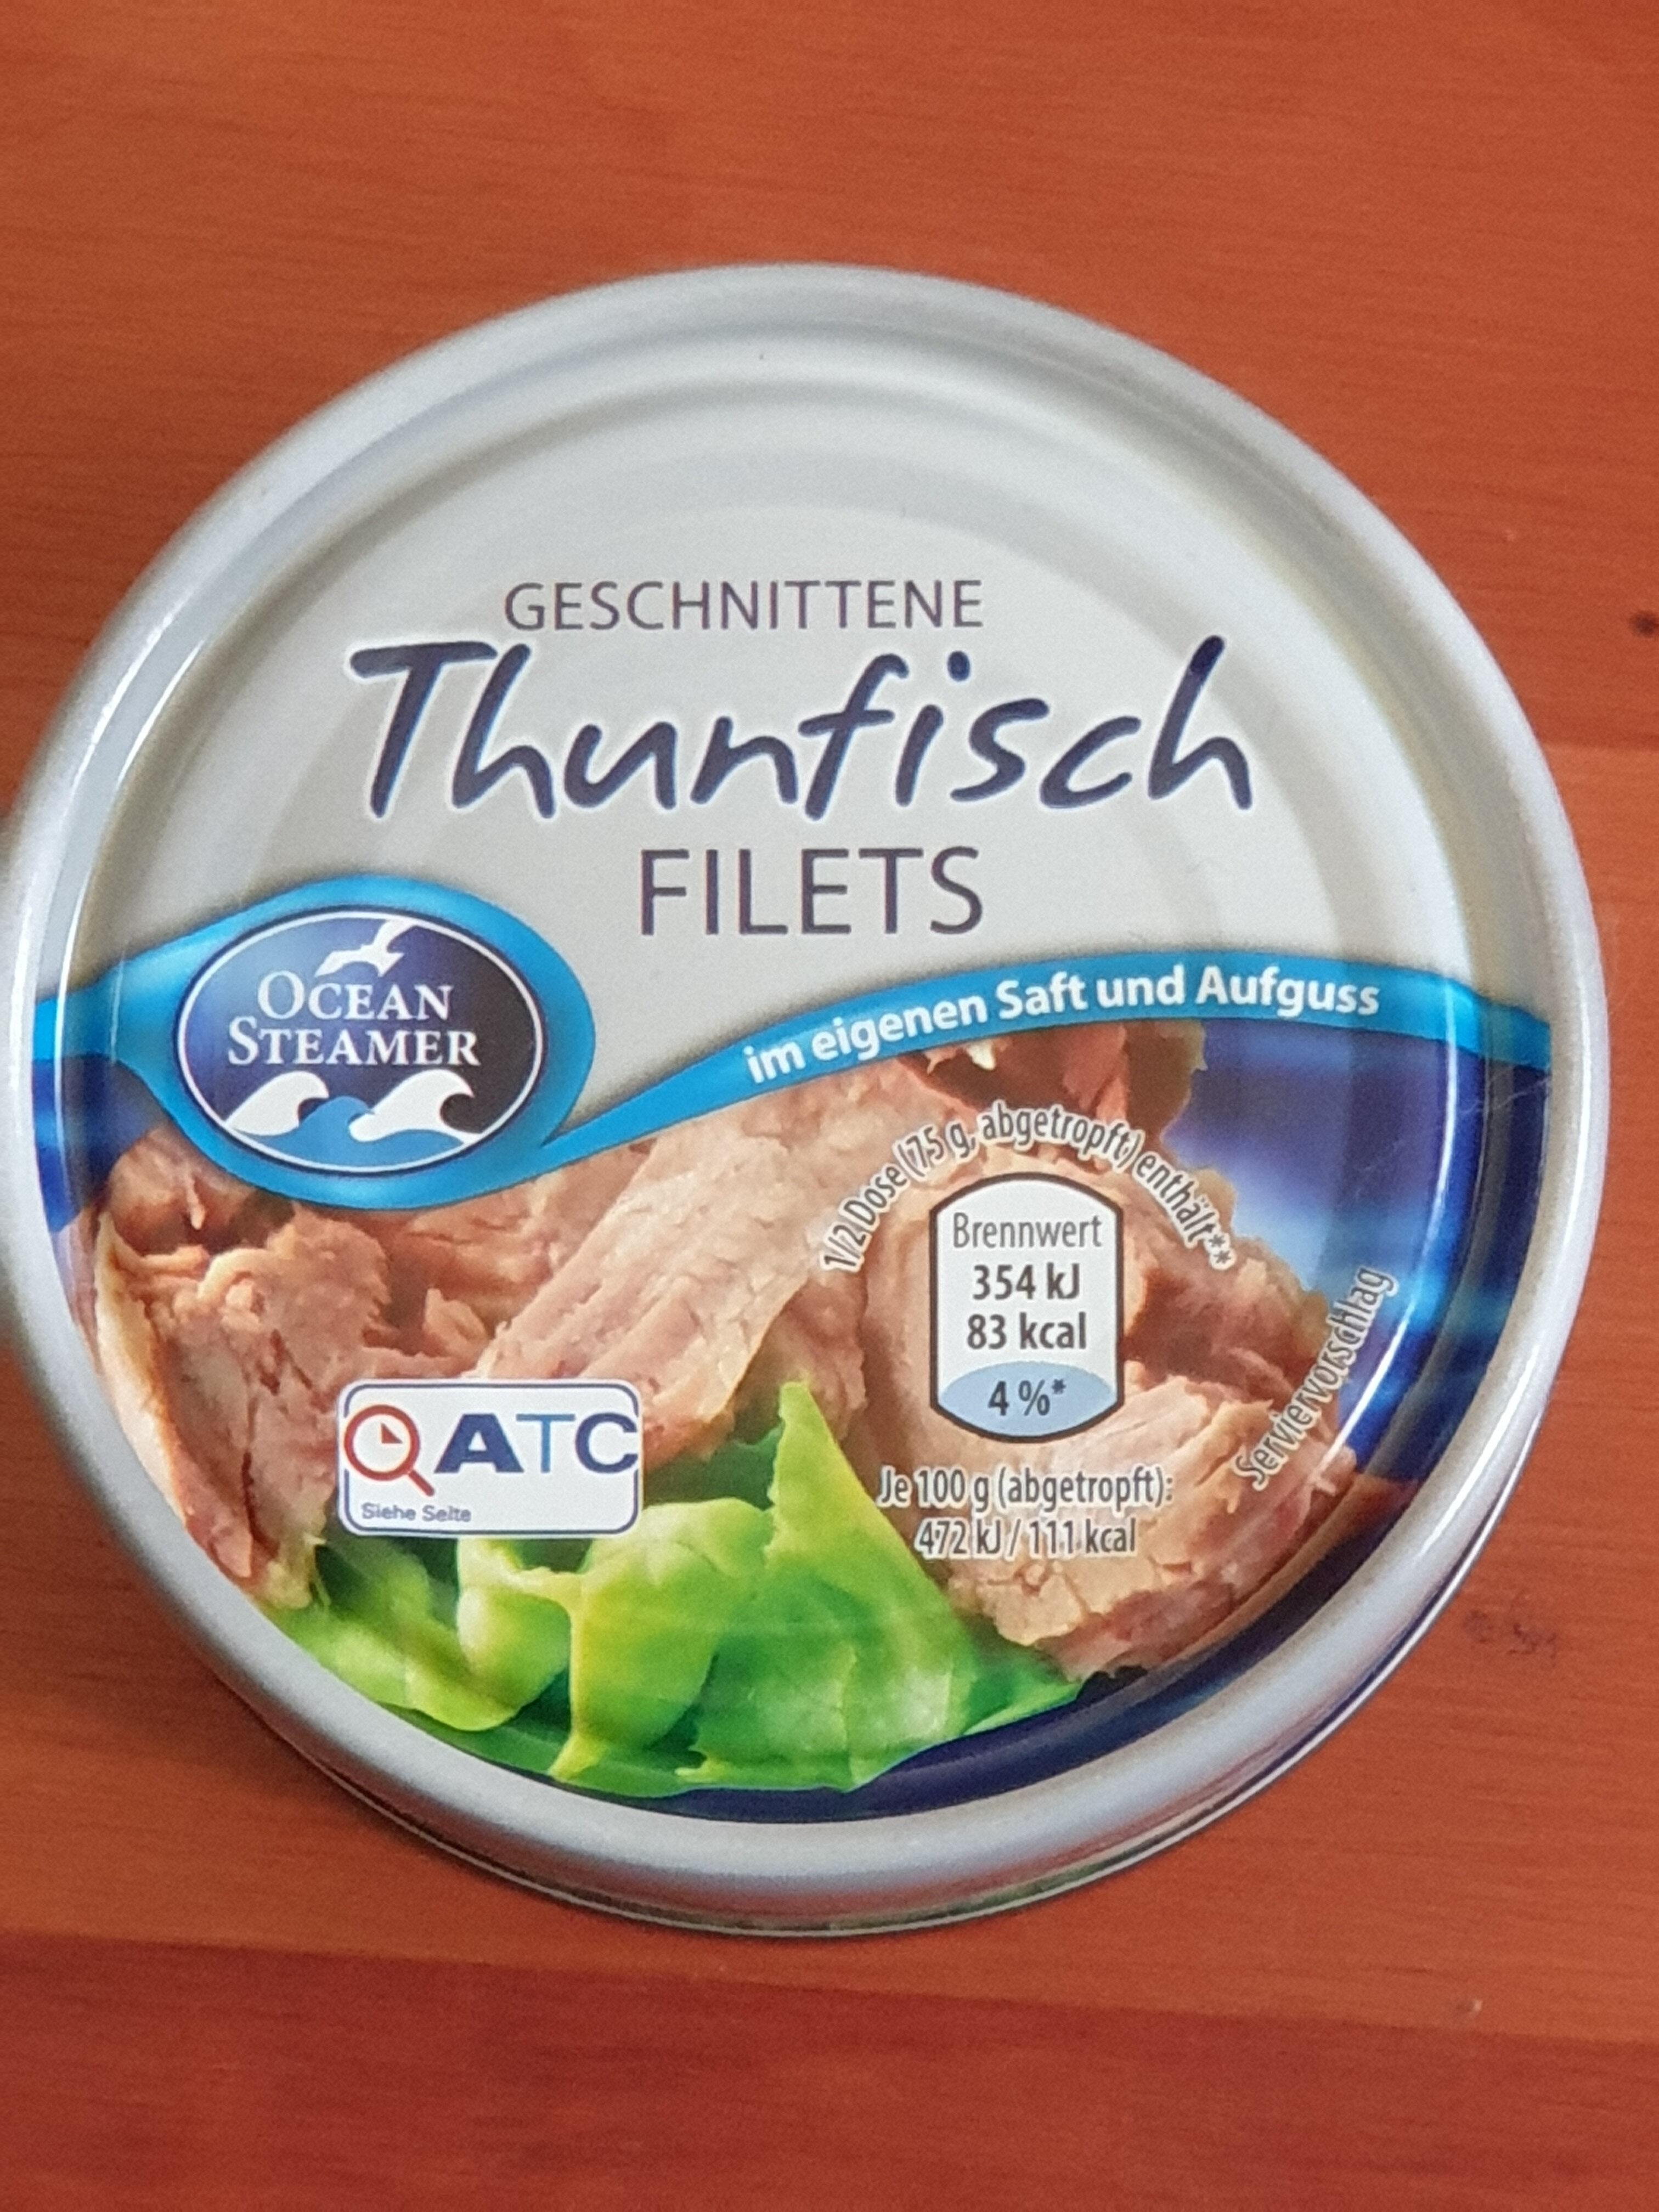 Thunfischfilets im eigenen Saft und Aufguss - Produkt - de